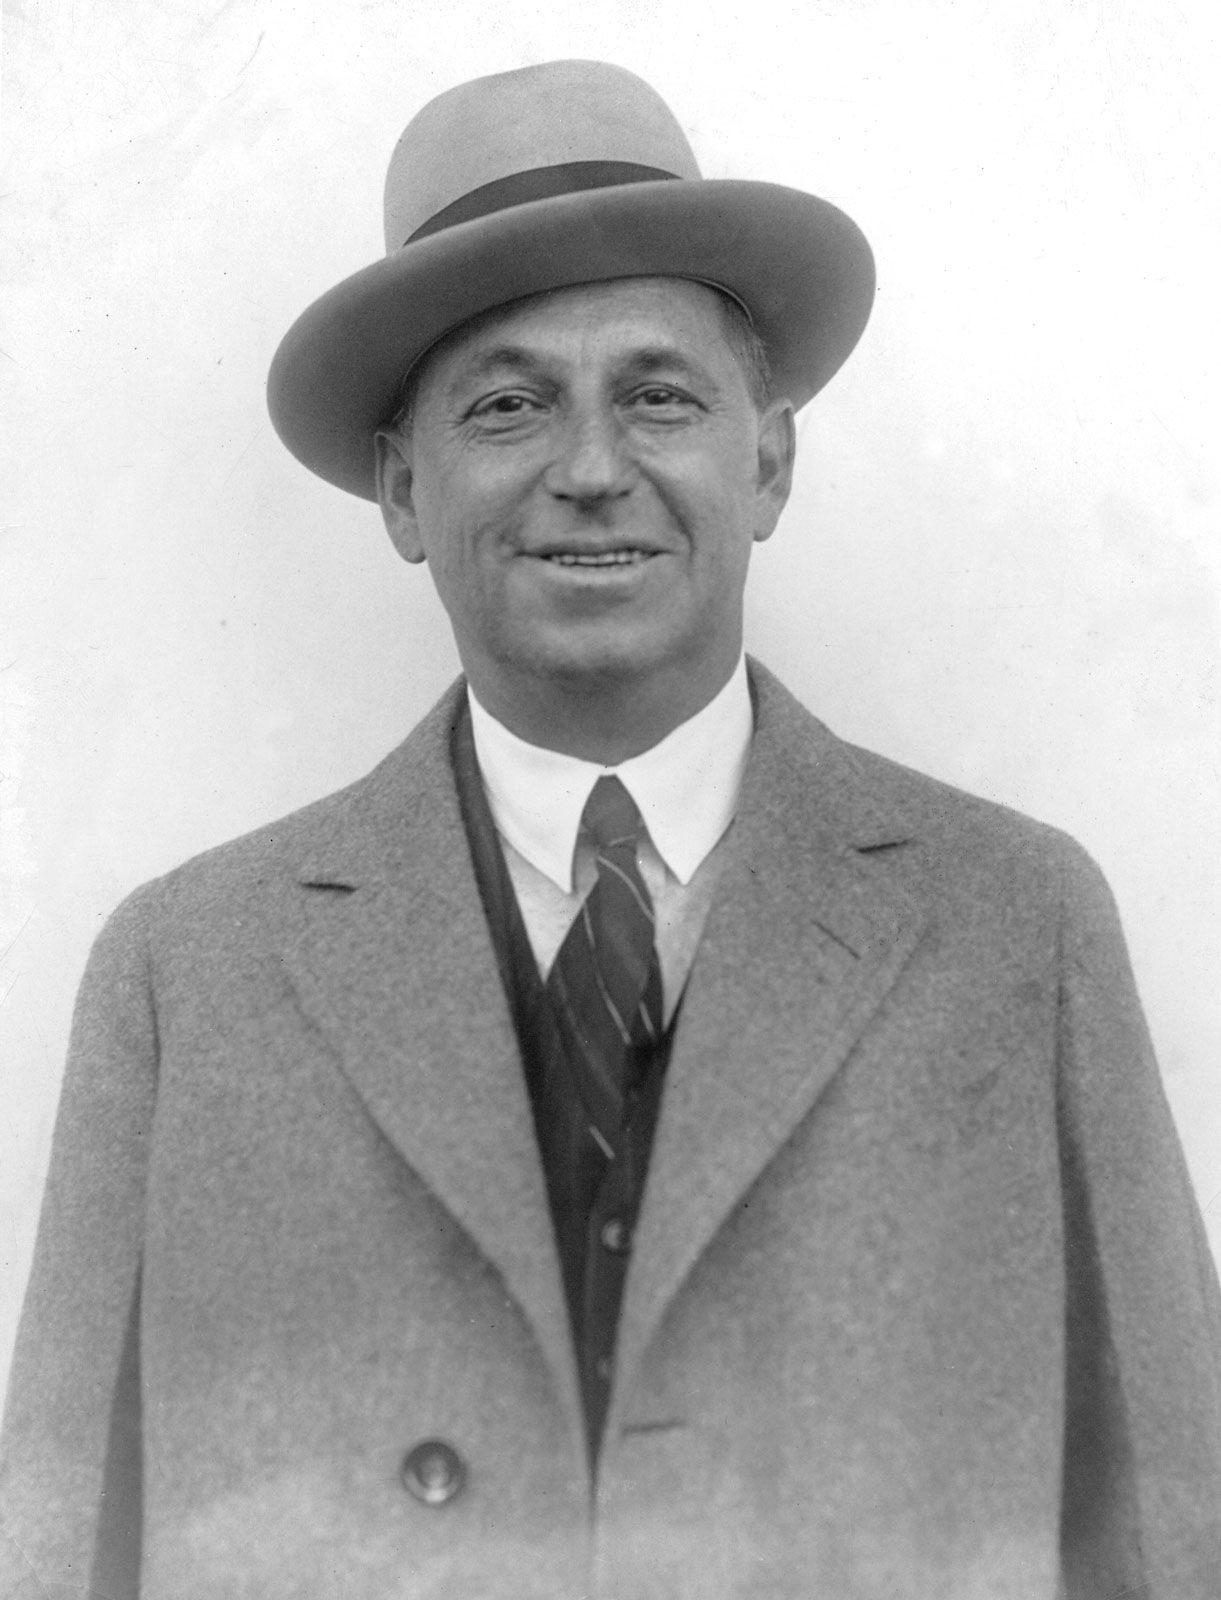 25 mars 1920 – Walter P. Chrysler quitte GM